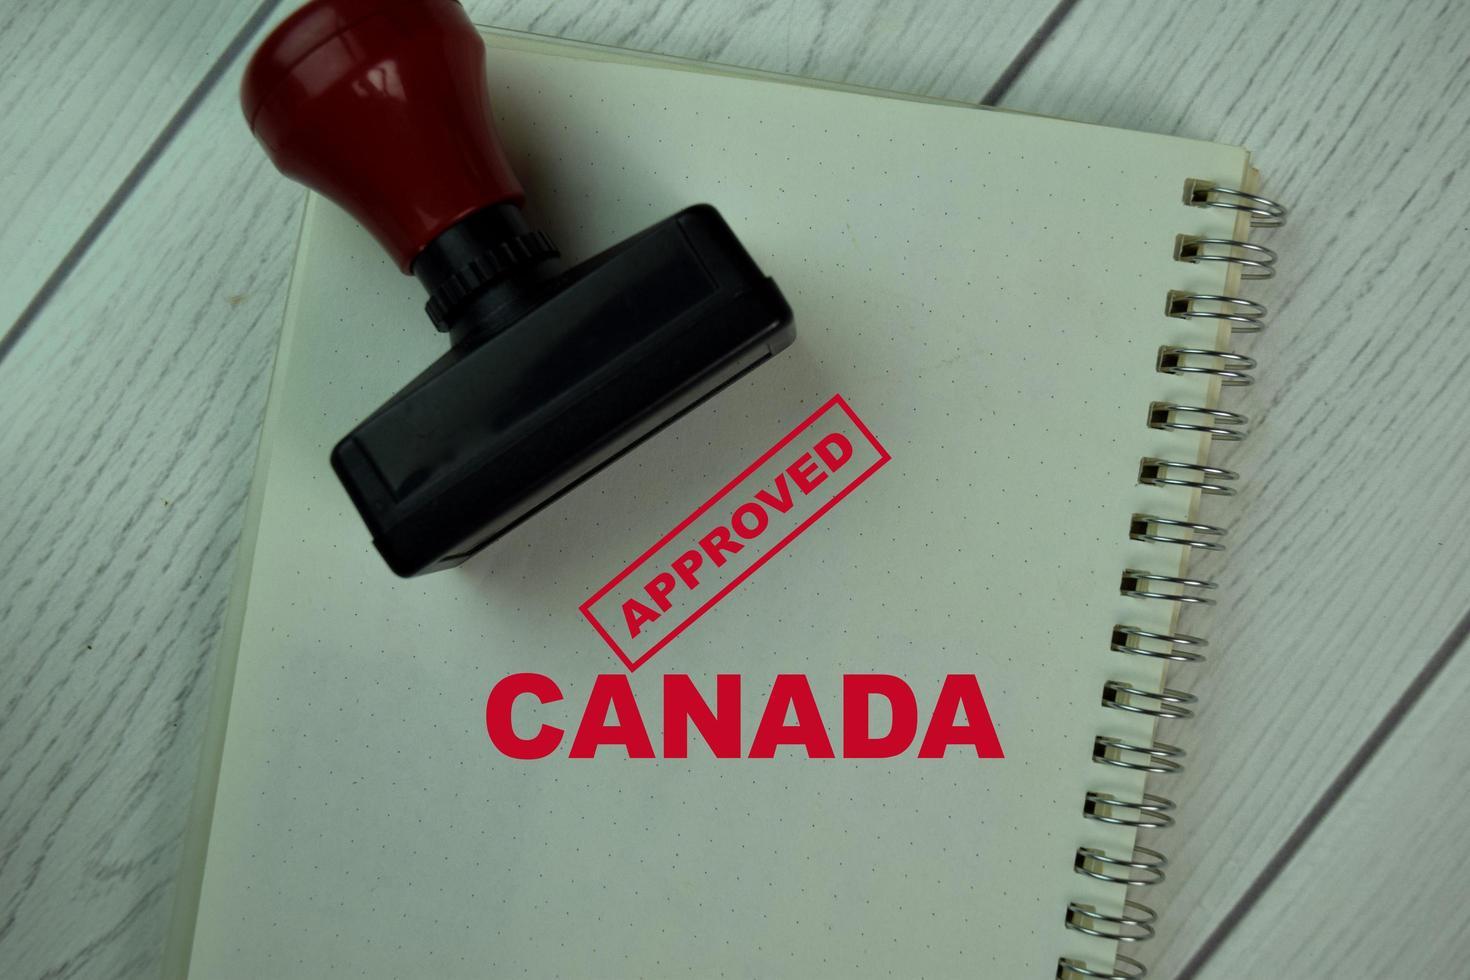 rode handvat rubberen stamper en goedgekeurde Canadese tekst geïsoleerd op tafel foto